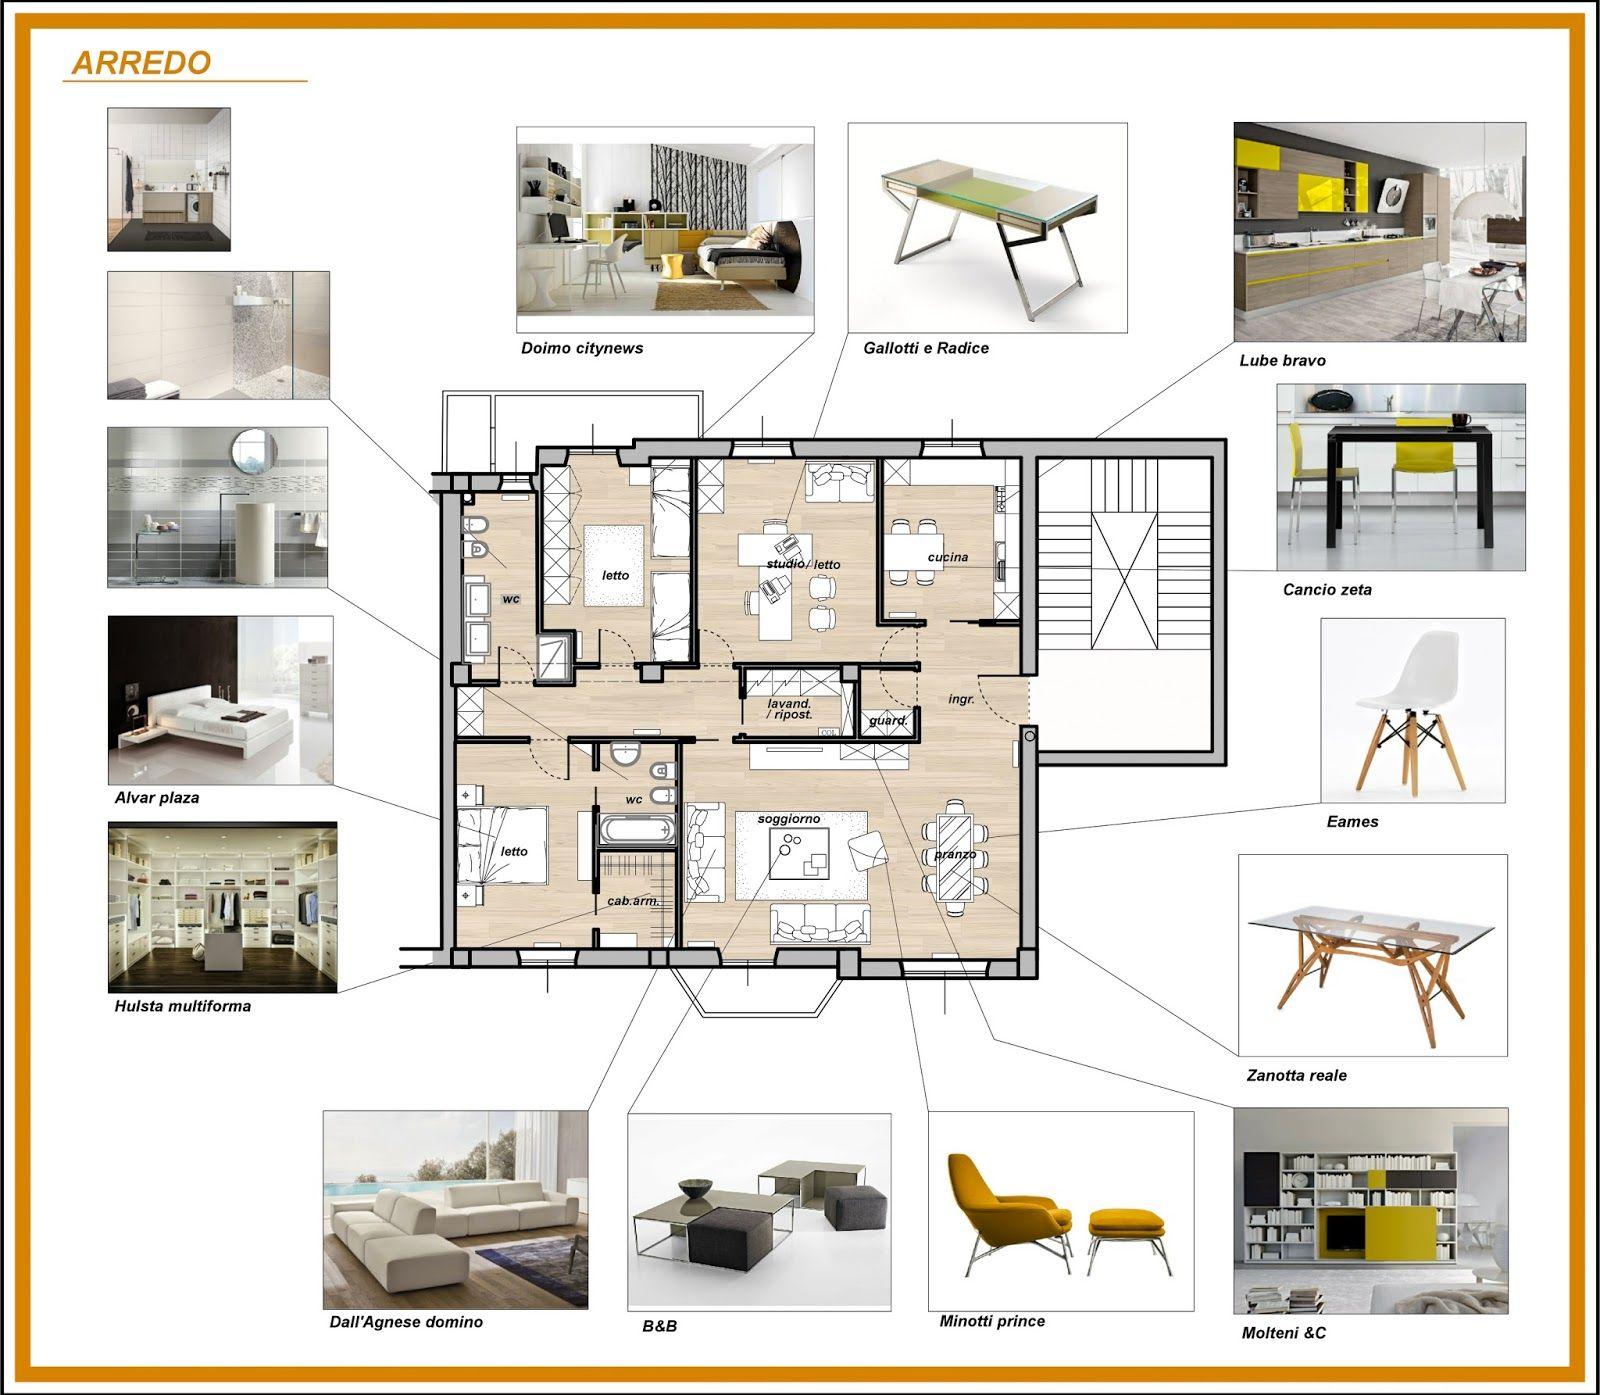 Pin di marisa tosoni su arredamento nel 2019 for Progetti design interni